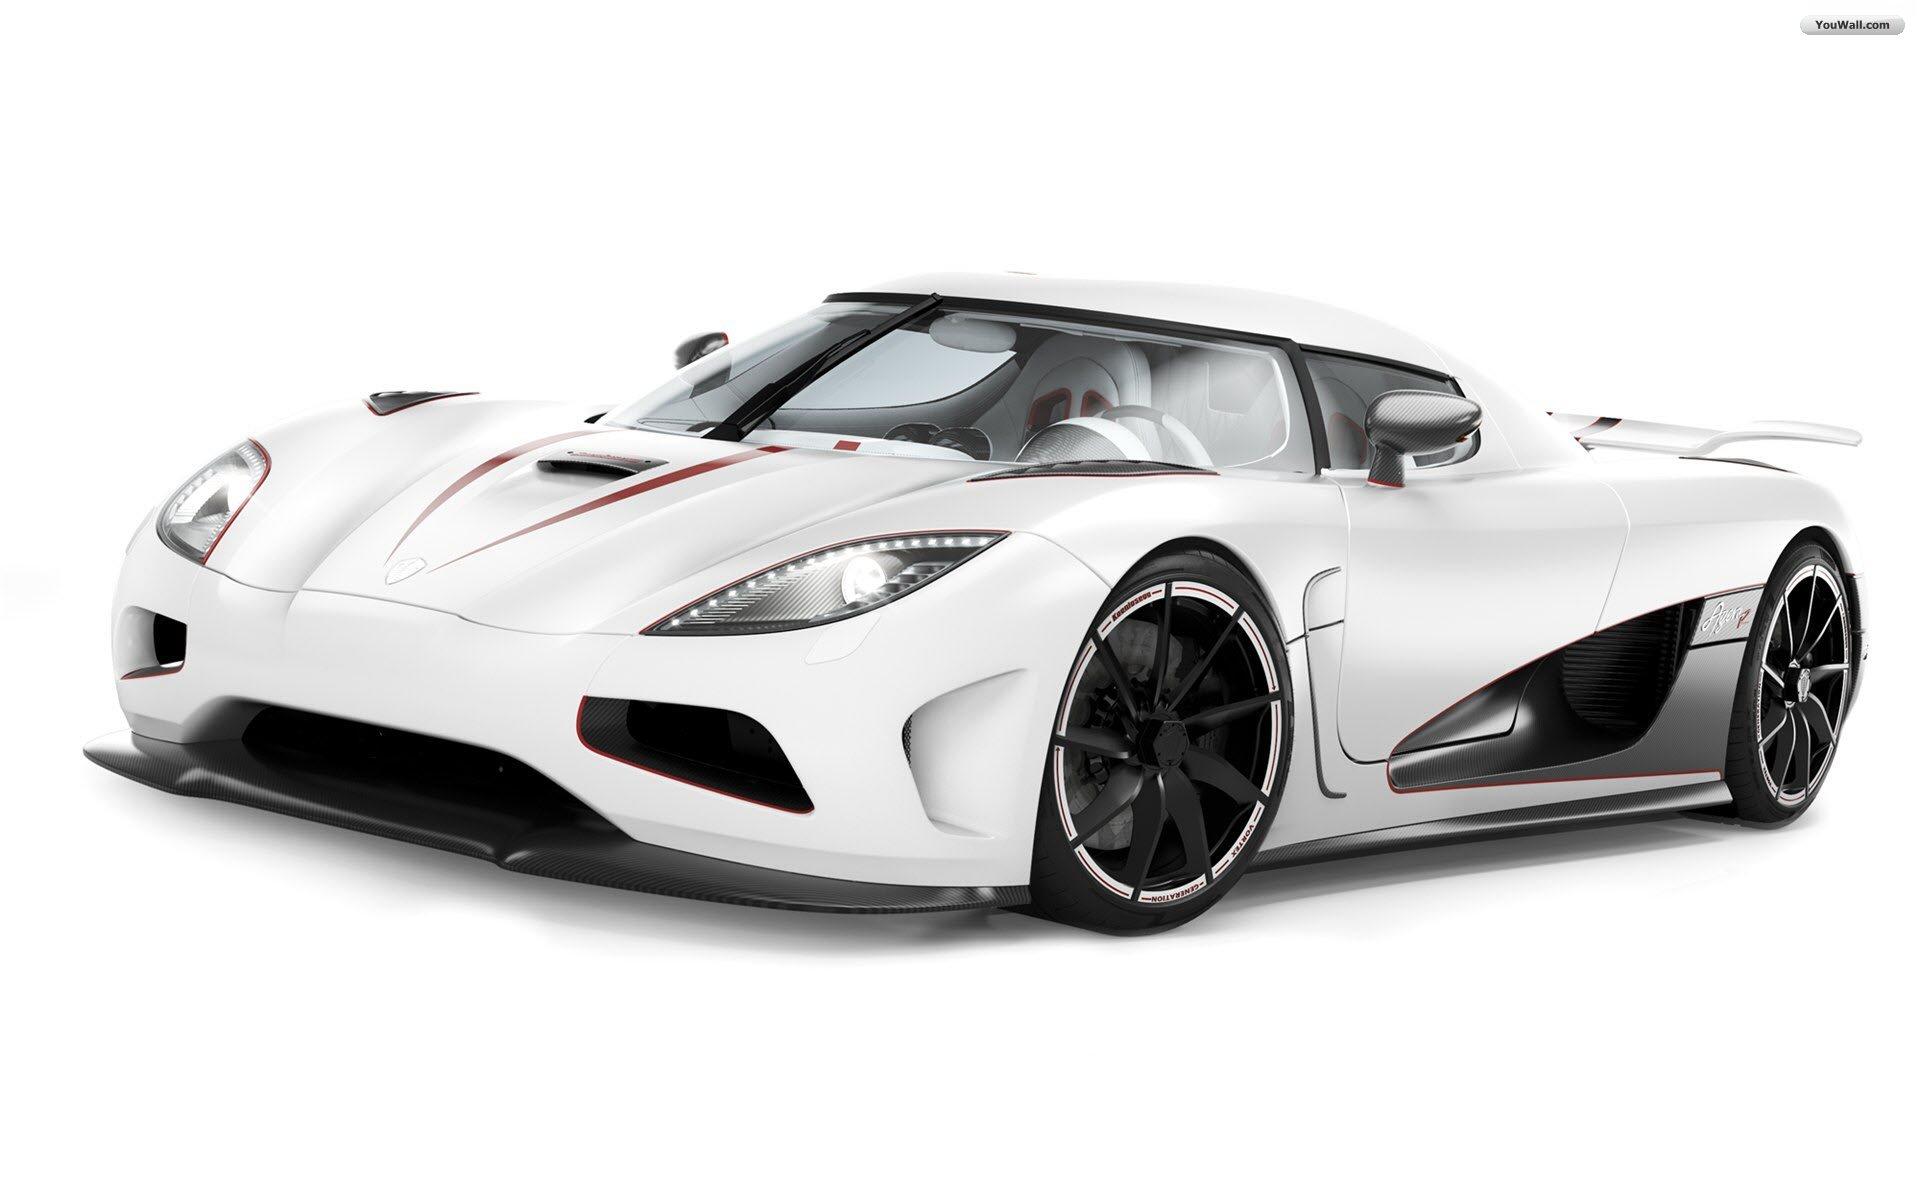 White Ferrari 36130 1920x1200 px